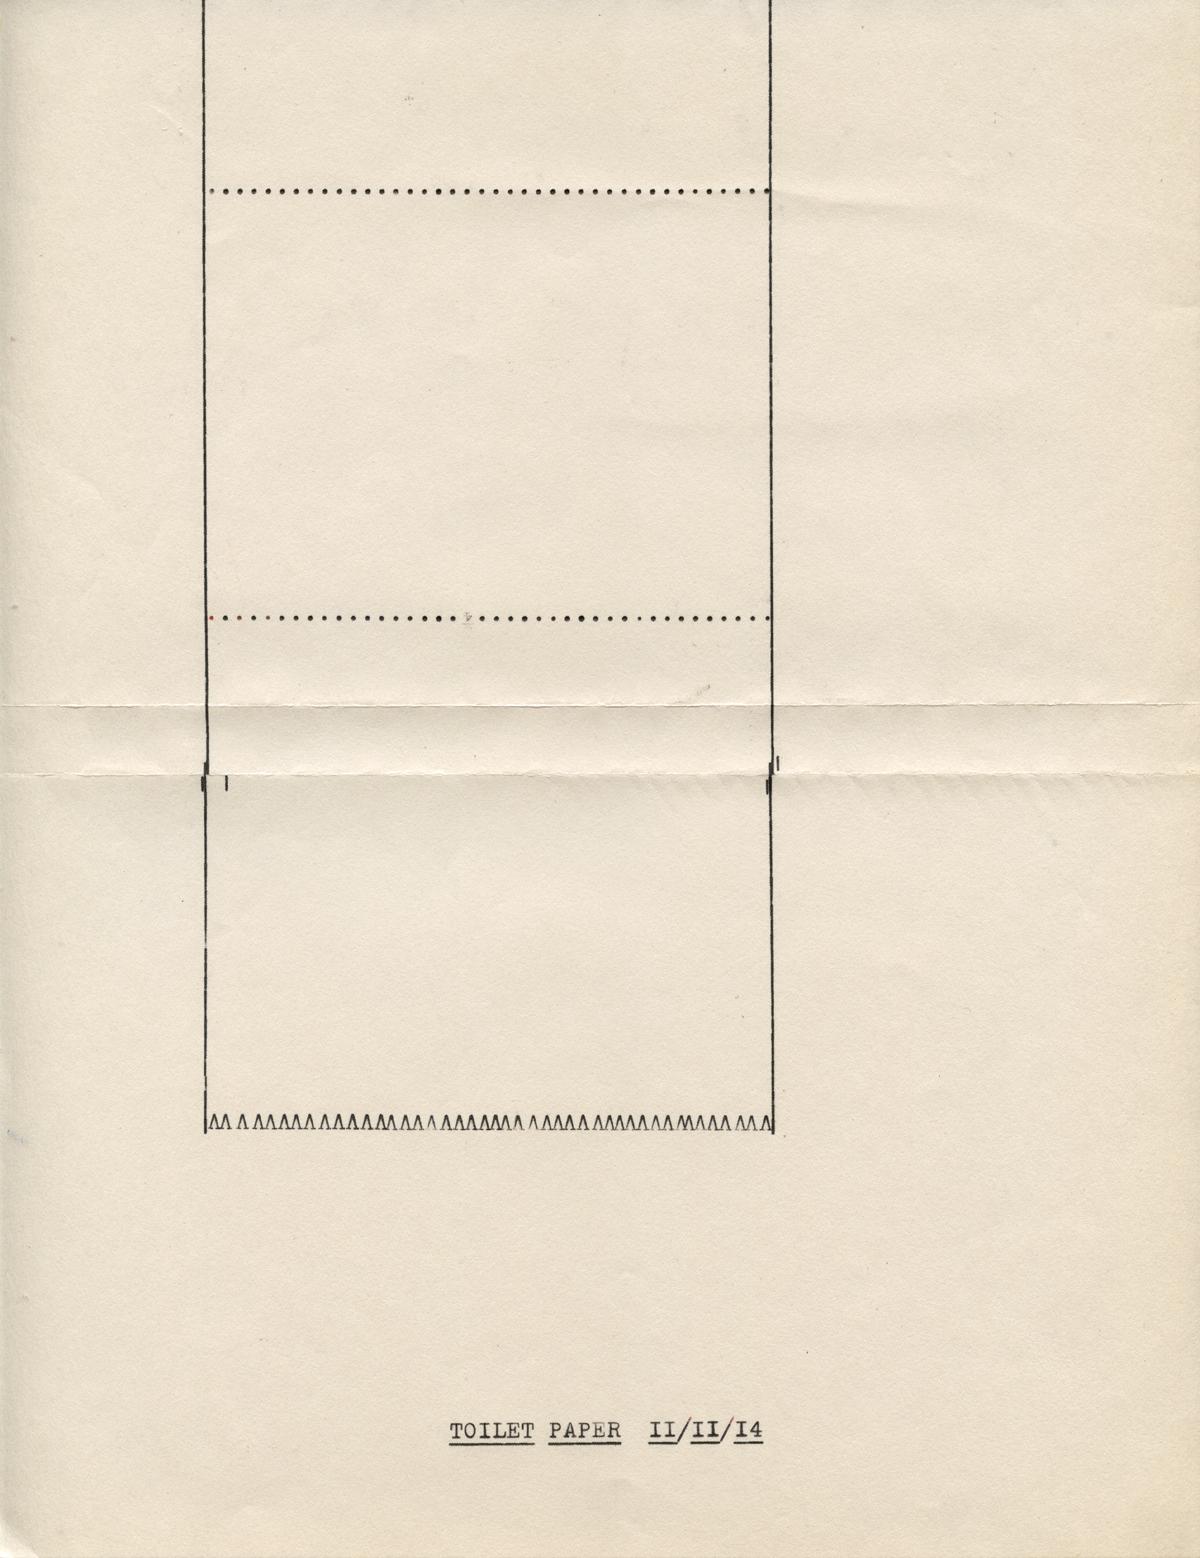 2014_11_typewriter_drawing.jpg